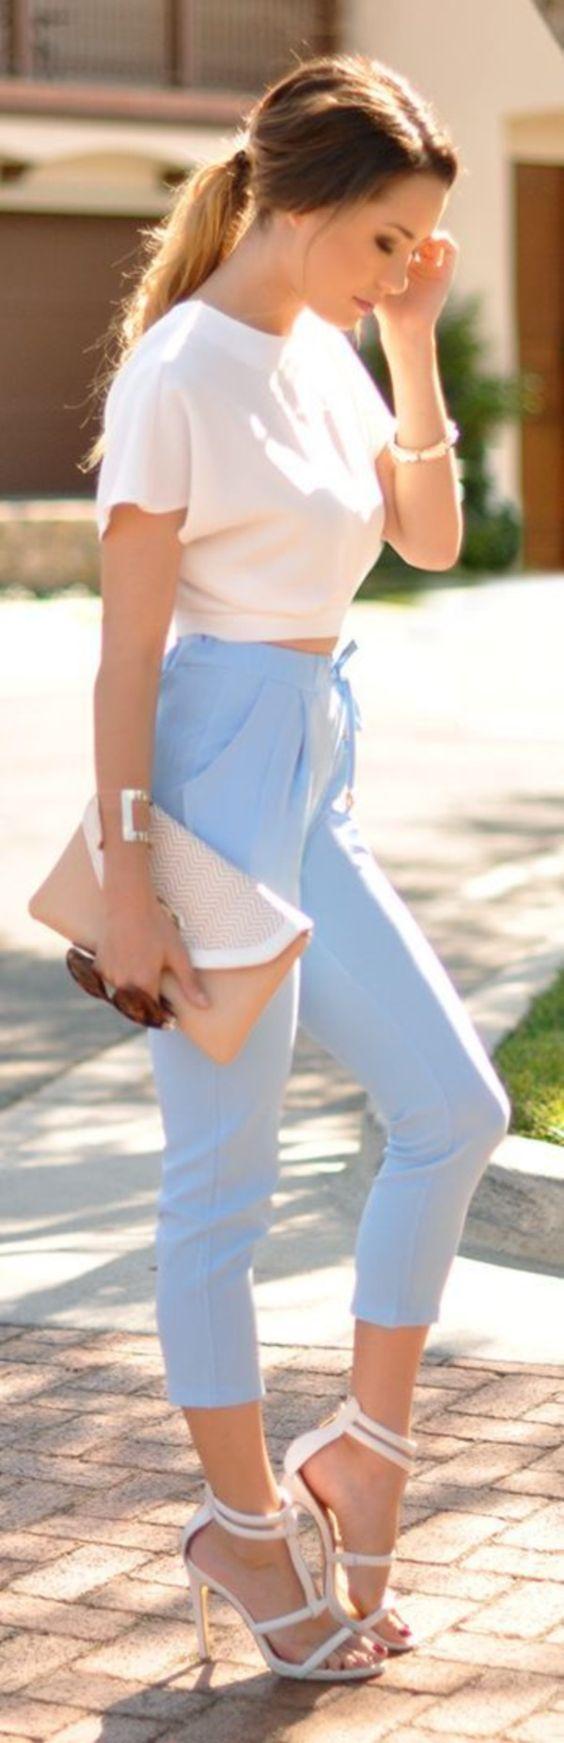 Teens In White Pants